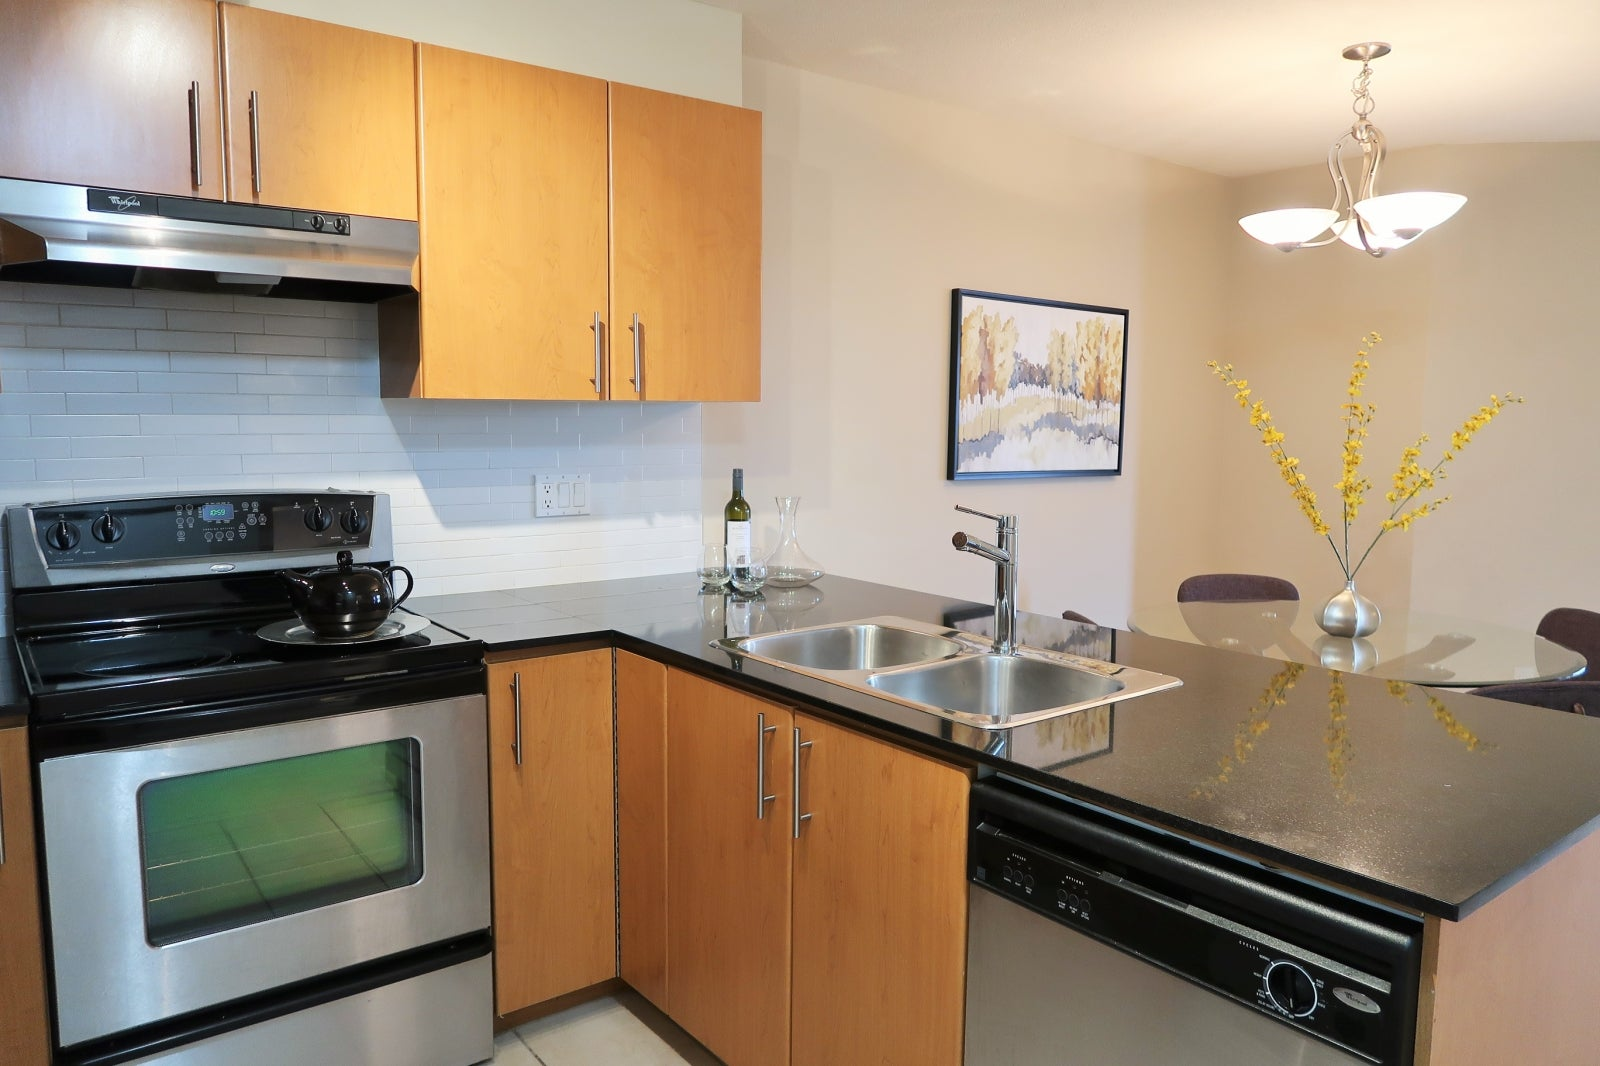 314 1633 MACKAY AVENUE - Pemberton NV Apartment/Condo for sale, 1 Bedroom (R2148211) #12